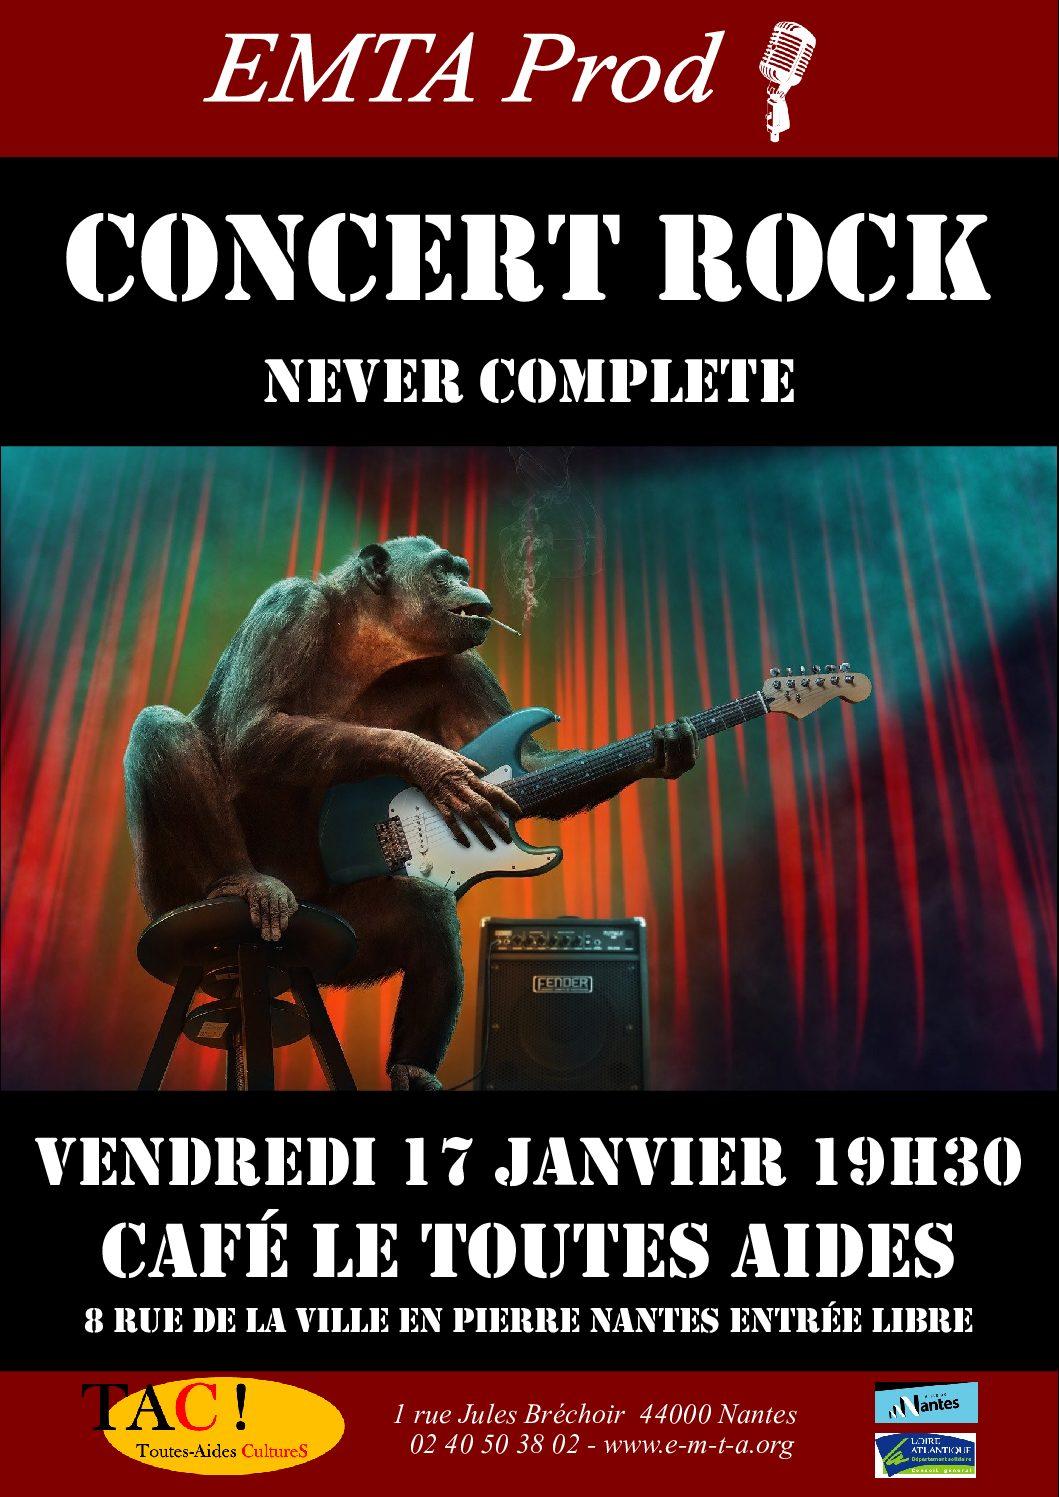 Concert Rock : Never Complete vendredi 17 janvier